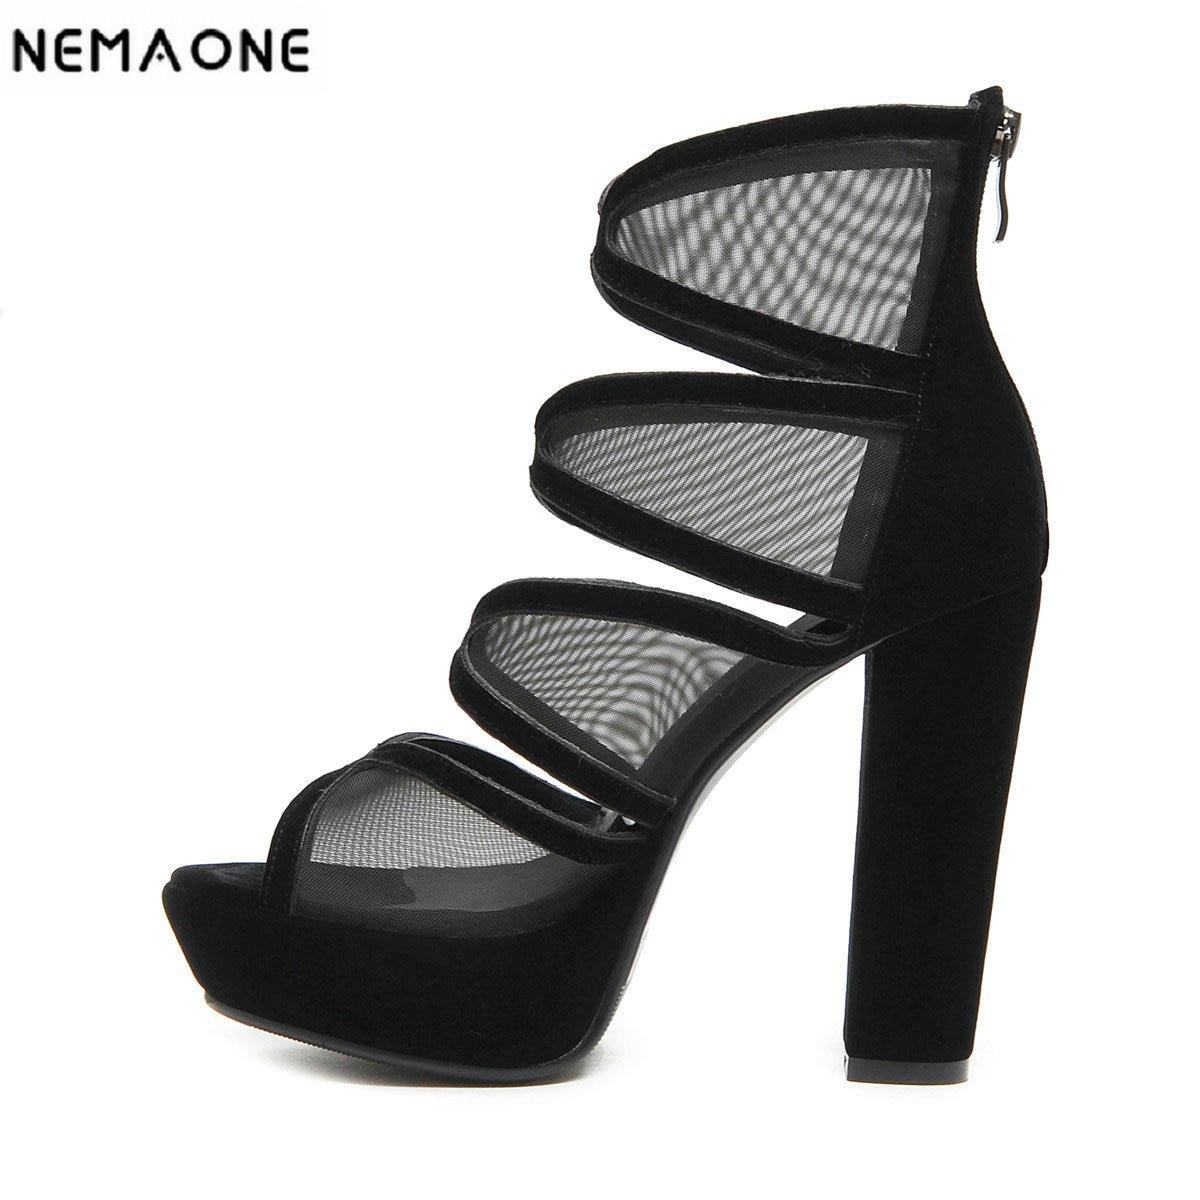 a8c528574748dd 12 Femmes Danse Talons Pôle D'été Nemaone De Des Chaussures 2019 Soirée  forme Cm Noir Sandales ...